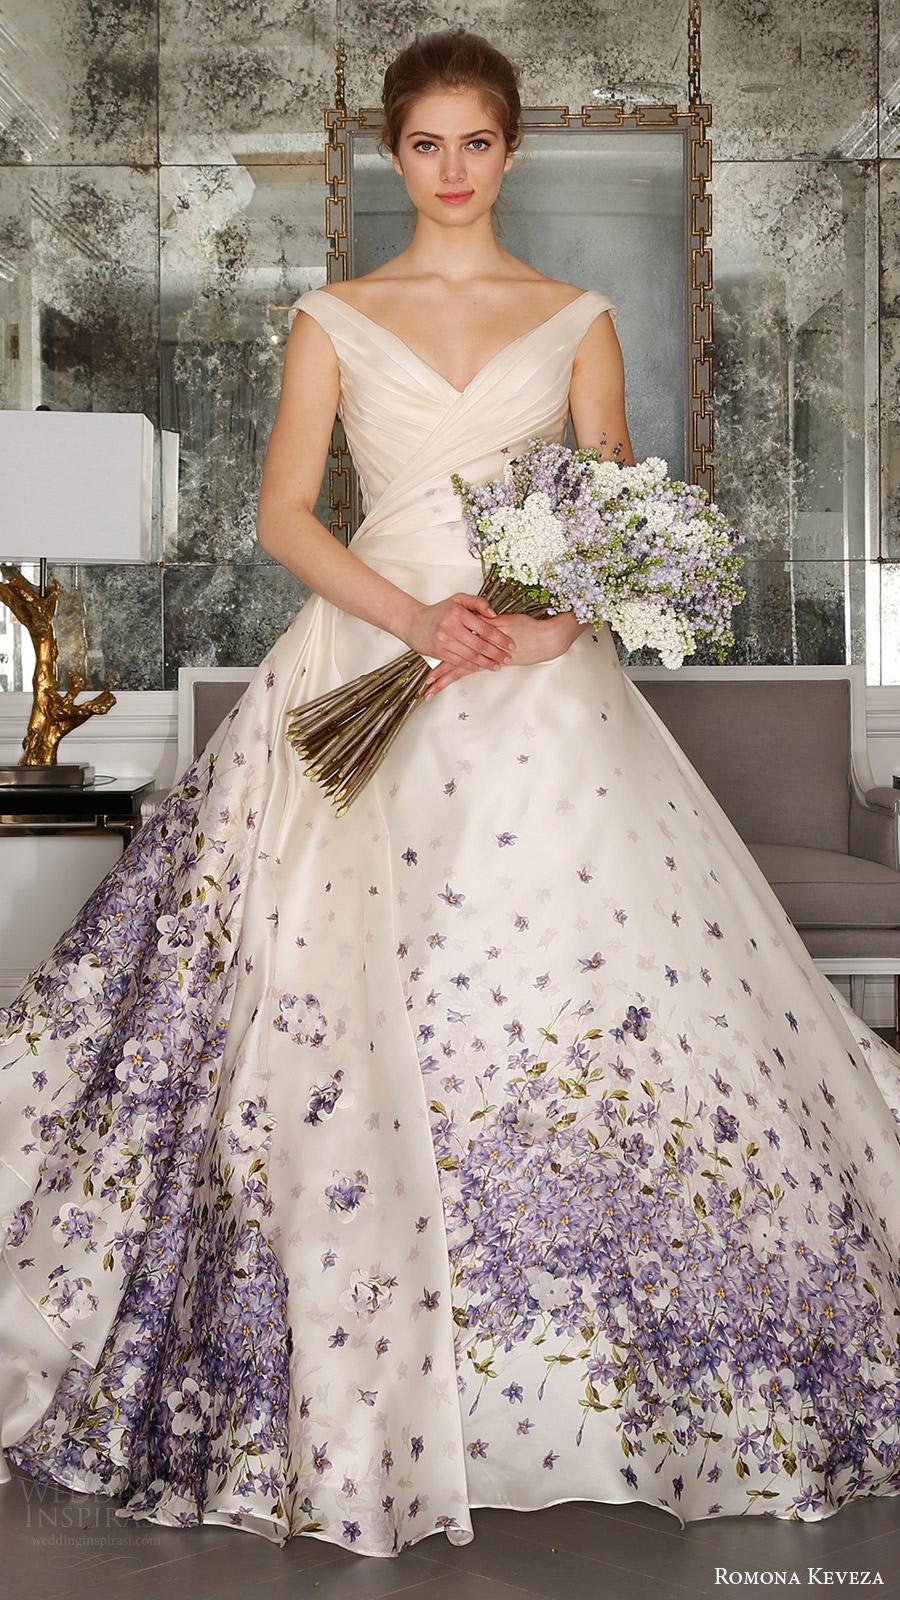 romona keveza bridal spring 2017 strapless sweetheart trumpet wedding dress (rk7408) off shoulder vneck ball gown wedding dress (rk7409) mv violet color print